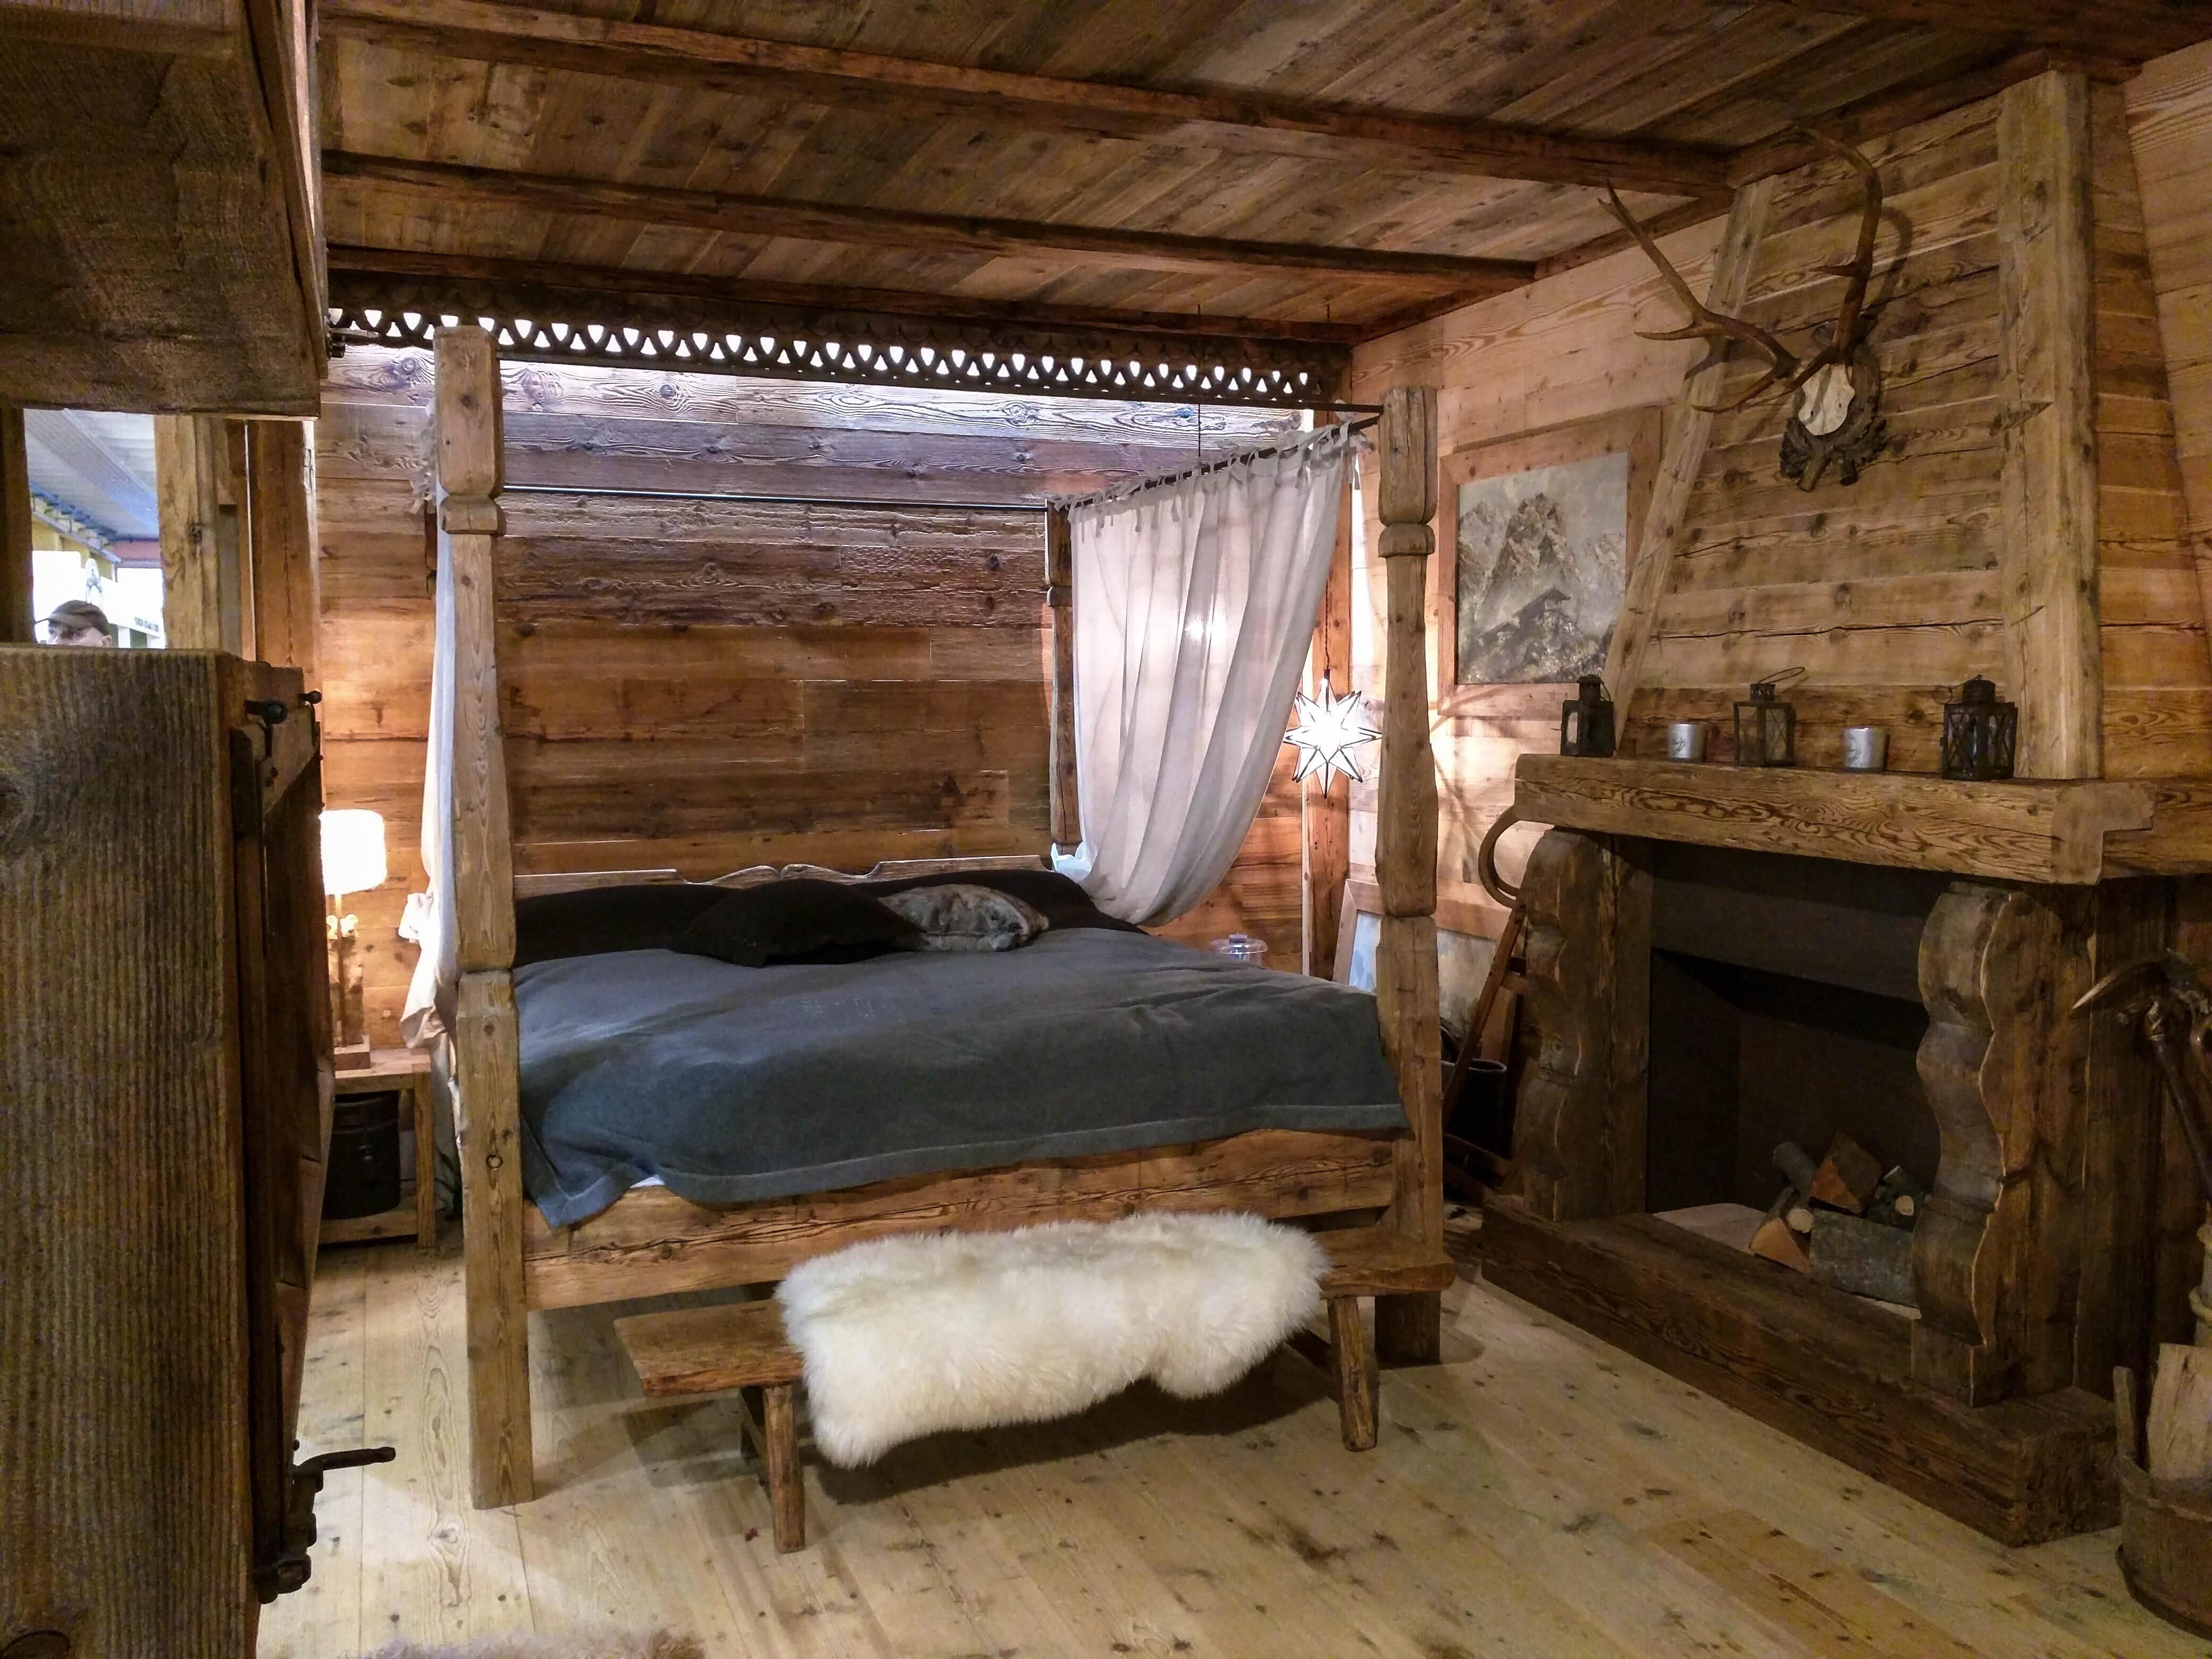 Cucine Per Chalet Di Montagna arredamento di montagna: ecco alcuni indirizzi utili - maisonlab